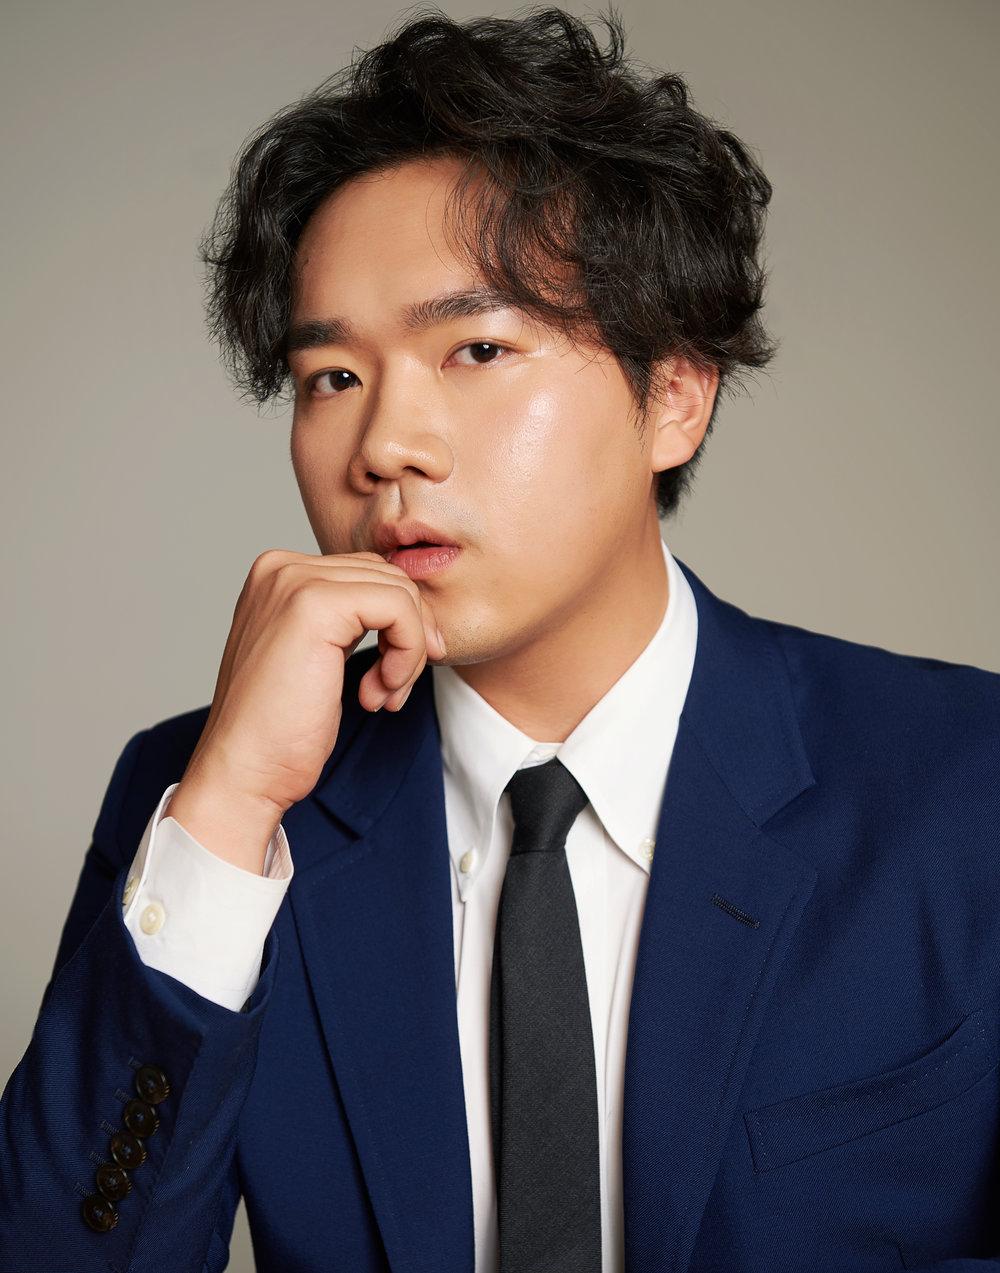 John Chonyoong Noh